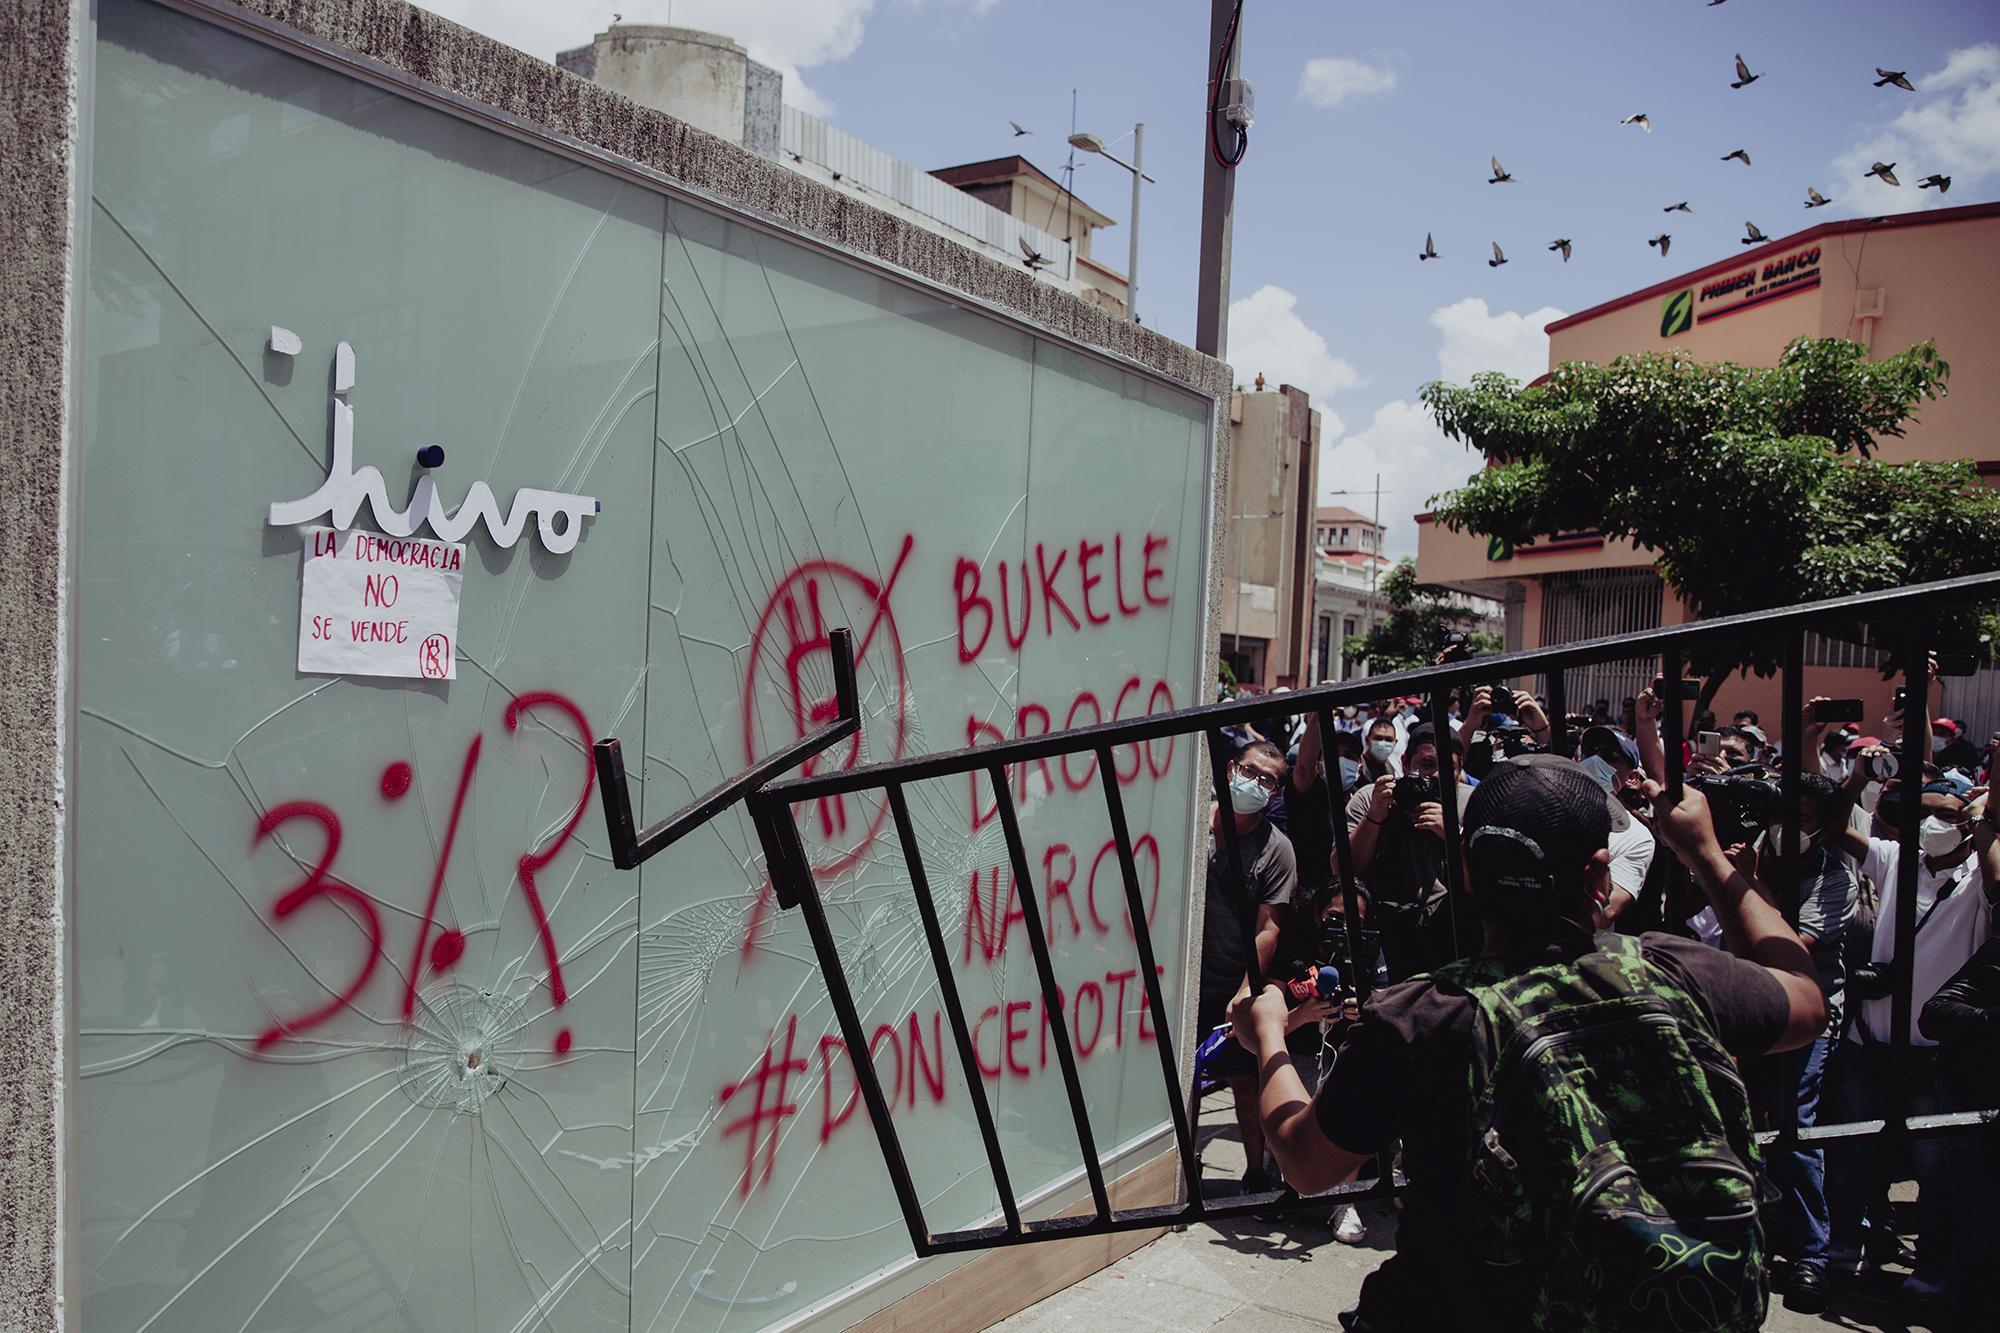 Un reducido grupo de manifestantes intentaba destruir la cabina del cajero de bitcoin ubicado en la Plaza Gerardo Barrios, lo hacían con poco apoyo y alentados por un reducido grupo de personas que los rodeaban. El resto eran curiosos y periodistas que intentaban tener la mejor toma de dicha acción.